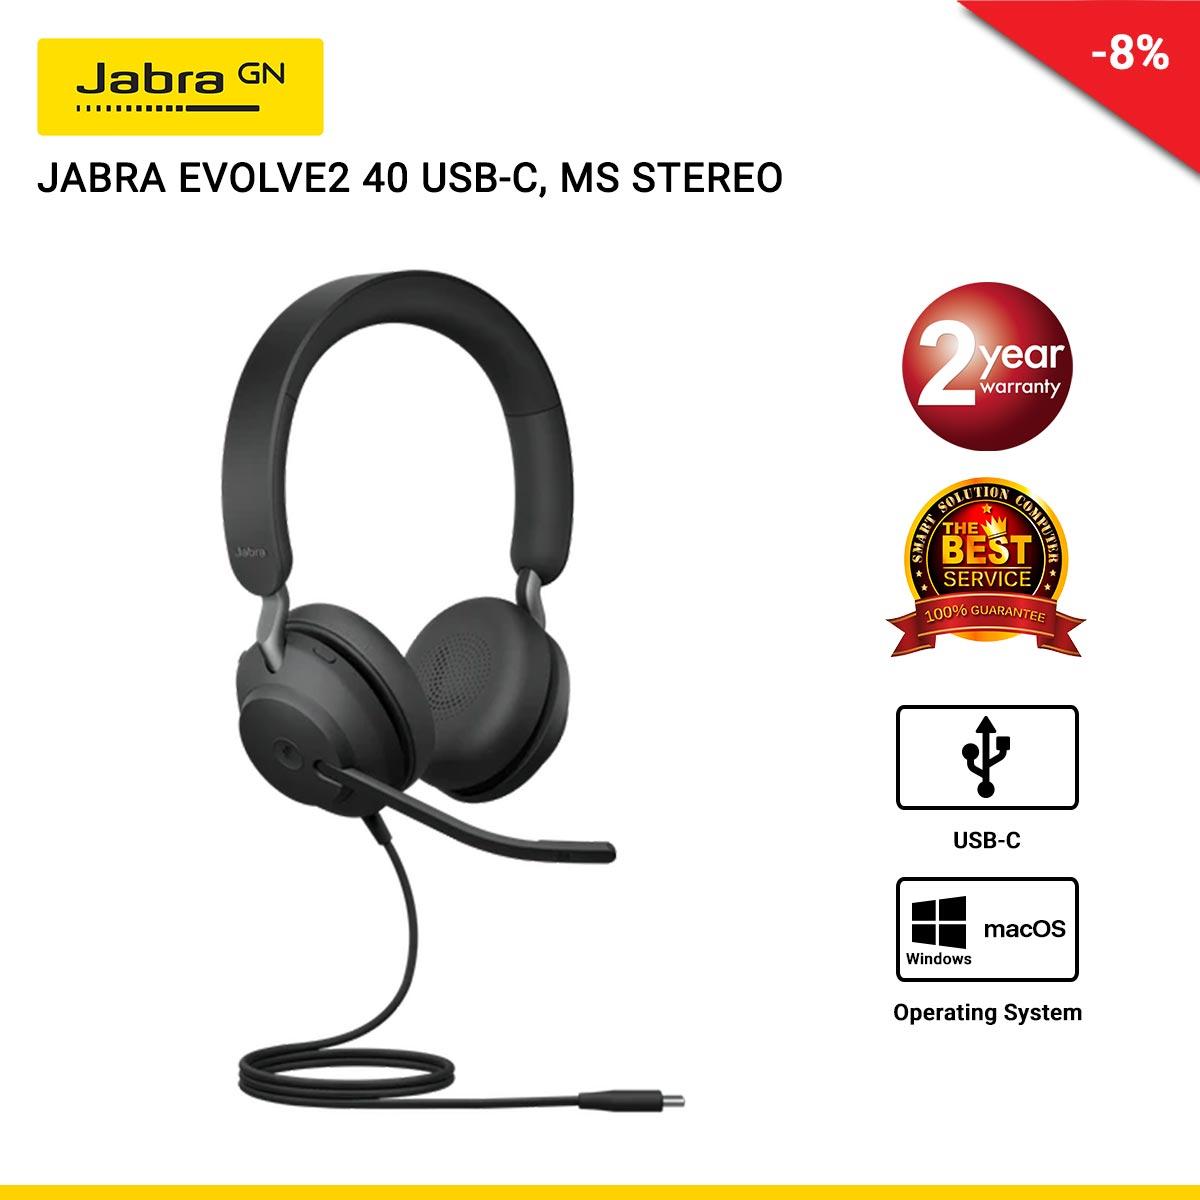 JABRA EVOLVE2 40 USB-C, MS STEREO (JBA-24089-999-899)